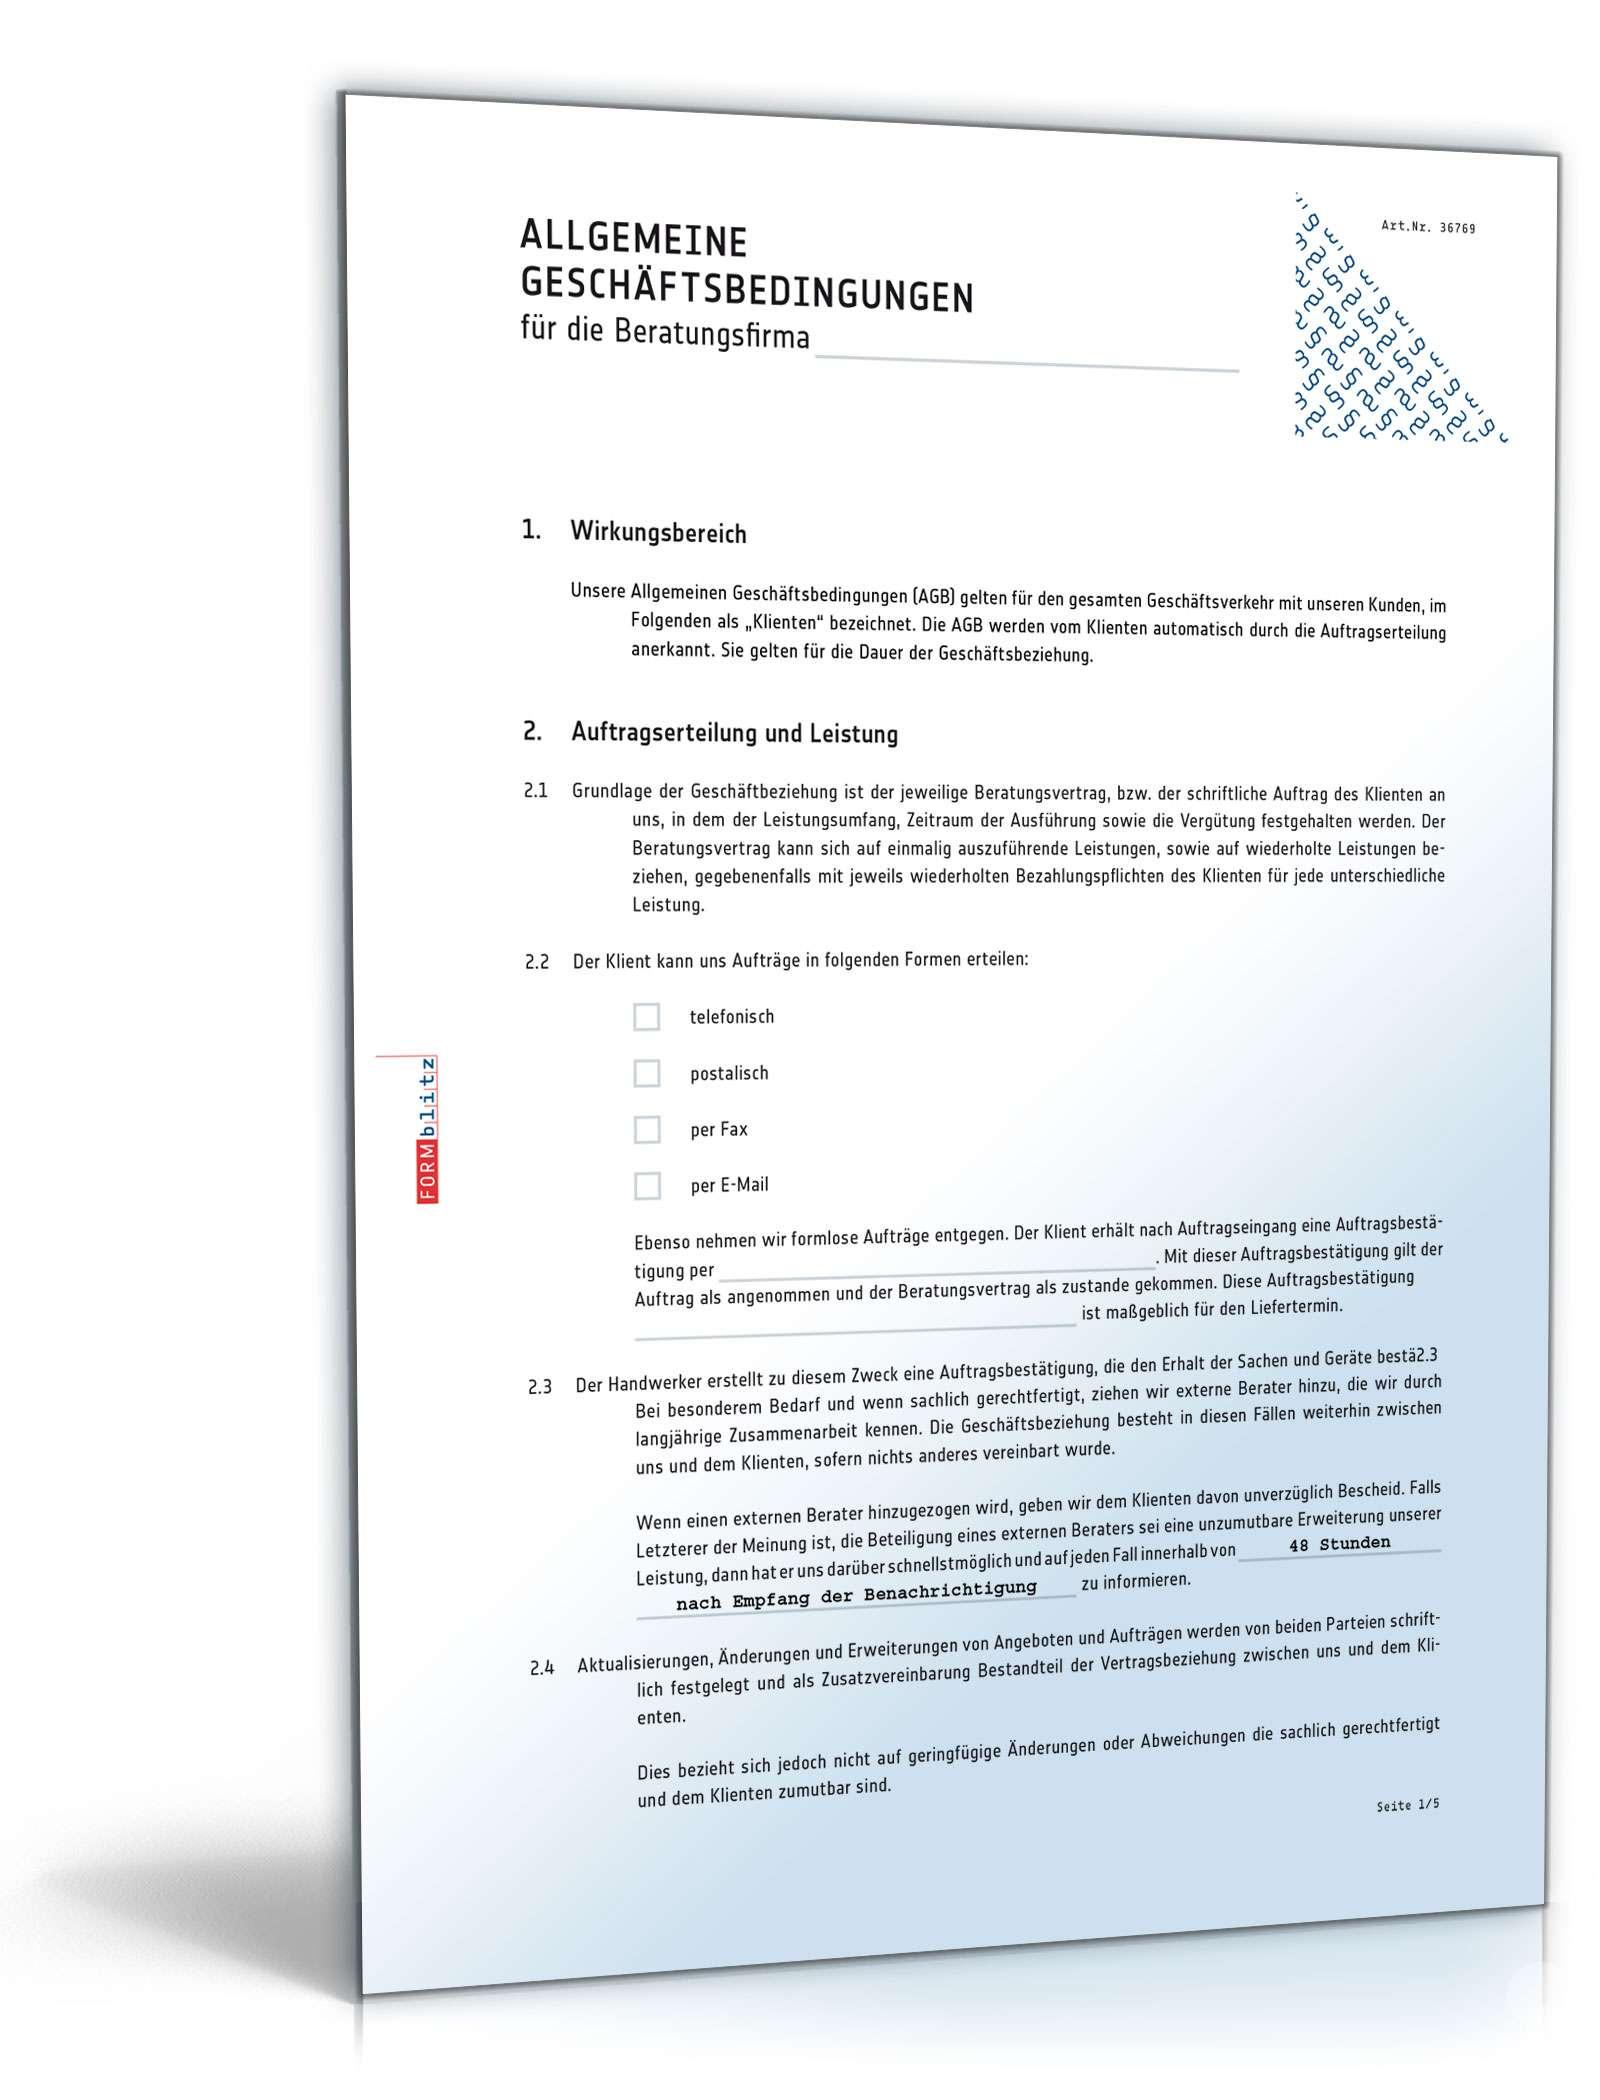 Die benutzerfreundliche Excel-Datei enthält einige Tipps für die Erstellung von Kontenplänen und eine Anleitung zum Vorgehen. Hier finden Sie den Excel Kontenplangenerator ( MB, Excel) für Vereine mit zugehöriger Anleitung zum Erstellen eines Kontenplans (80 KB, pdf).